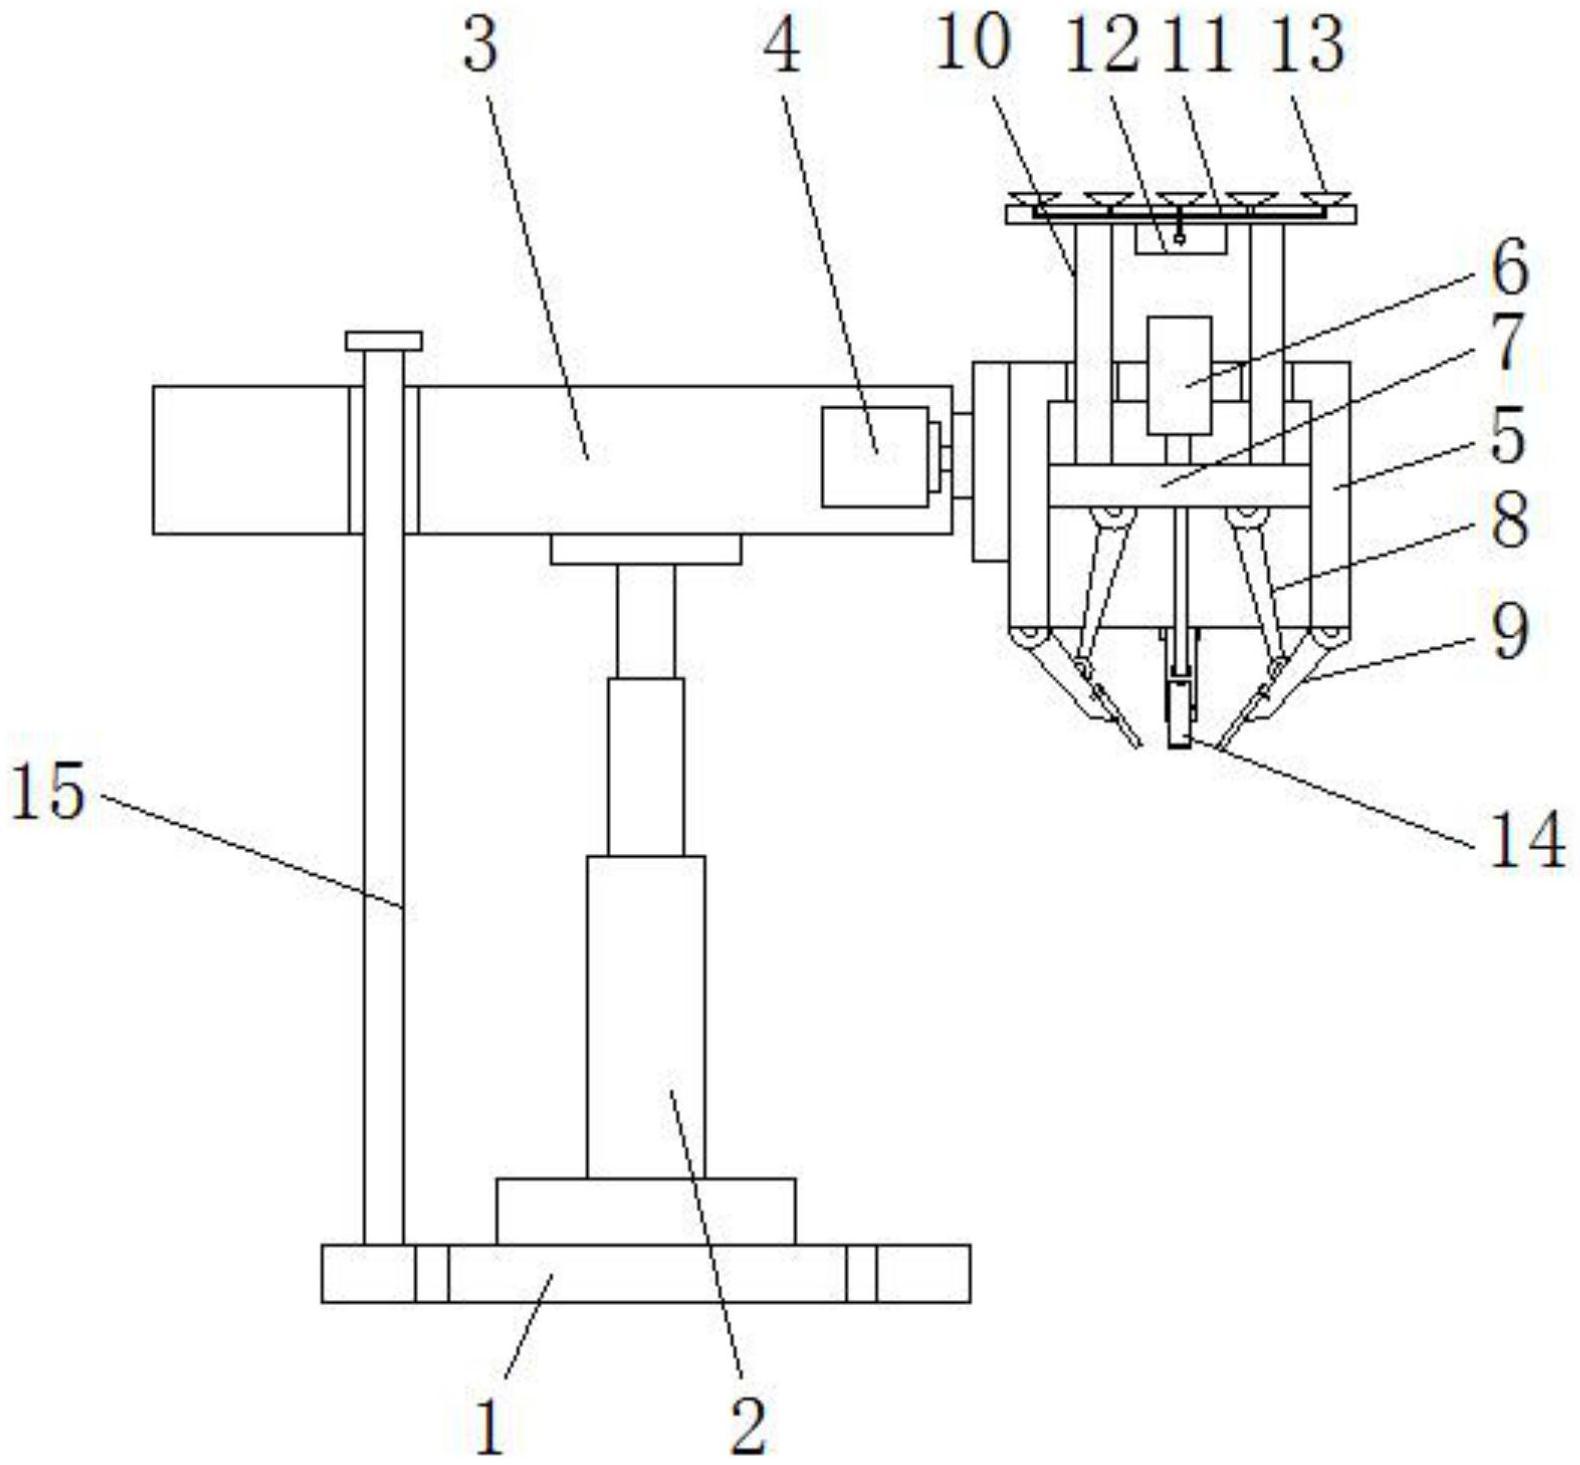 一种用于机械制造的机械抓取装置